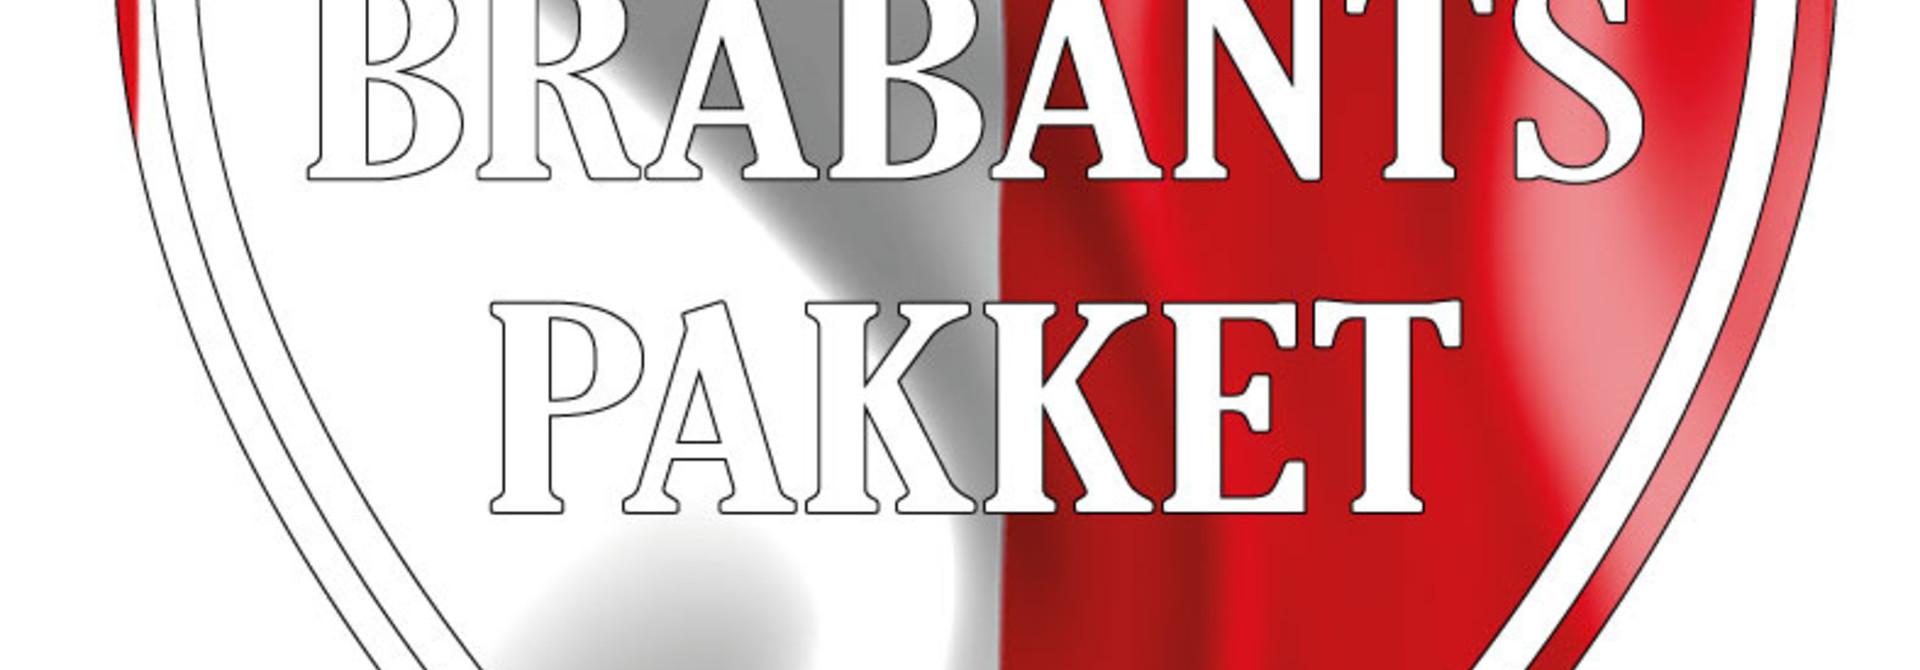 Brabants bierpakket